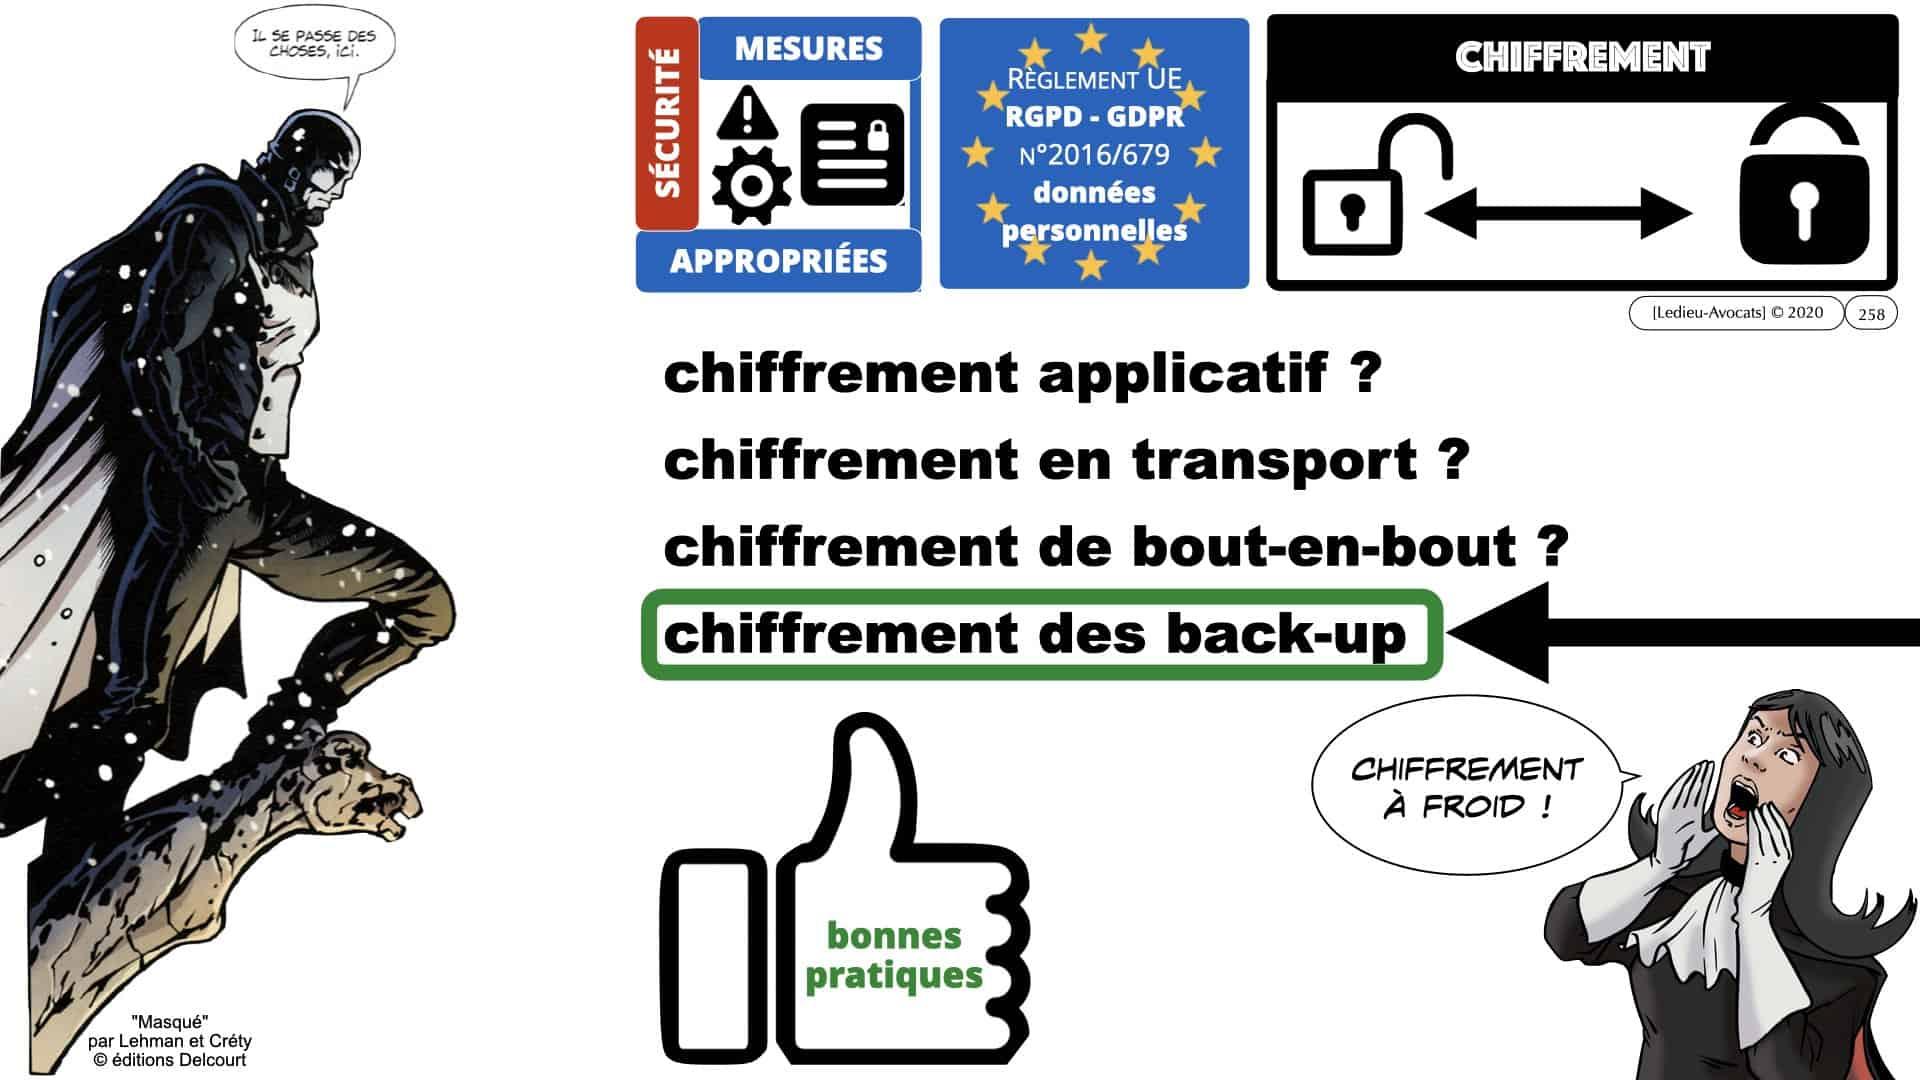 RGPD e-Privacy données personnelles jurisprudence formation Lamy Les Echos 10-02-2021 ©Ledieu-Avocats.258